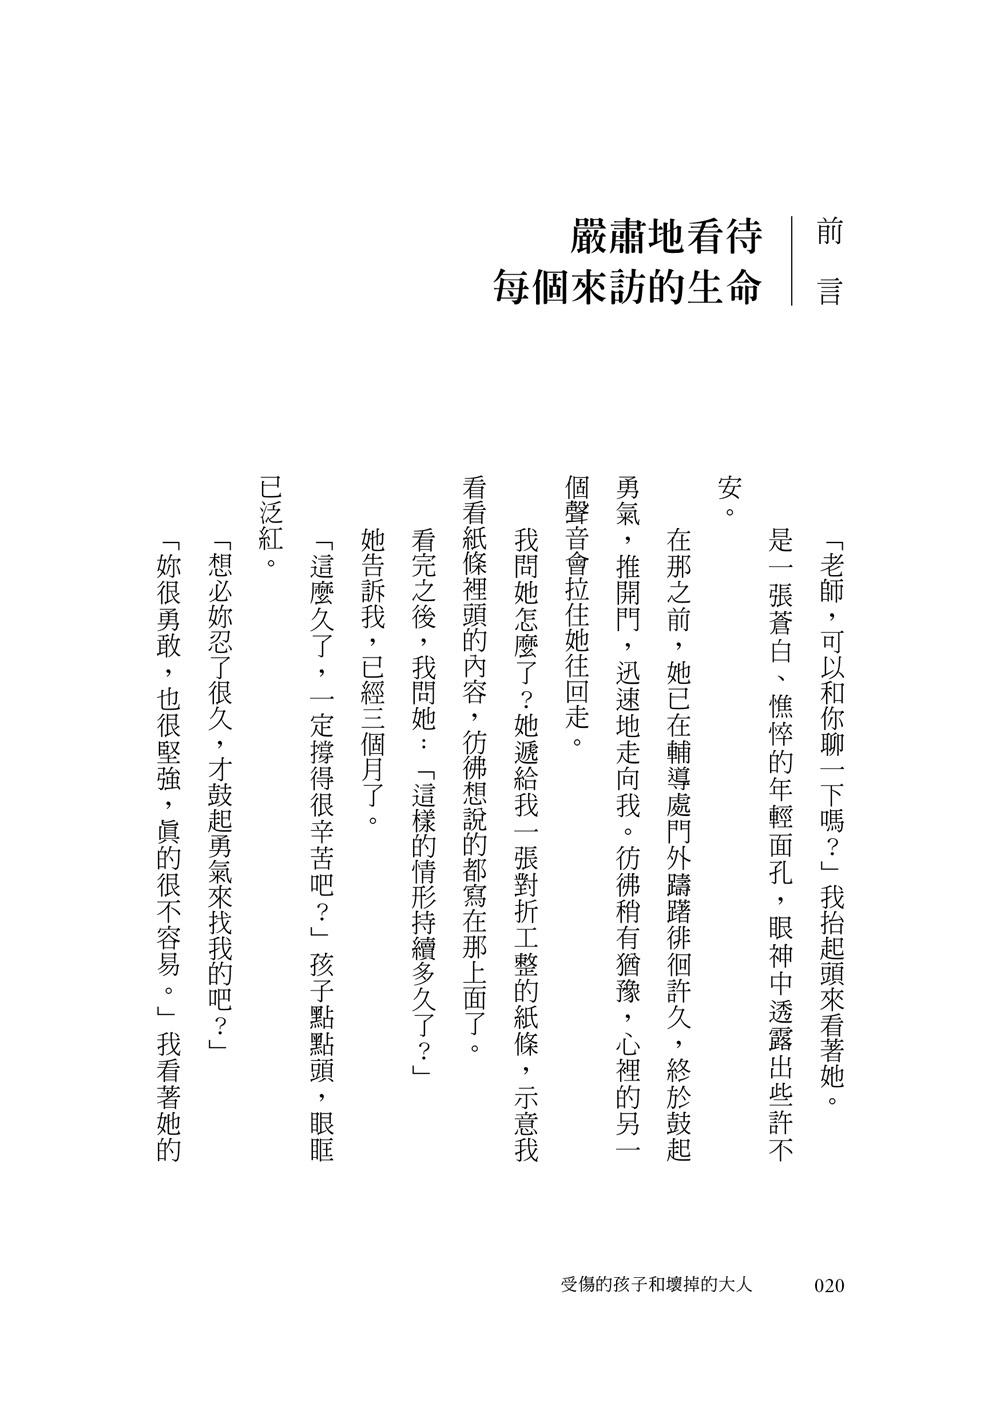 http://im2.book.com.tw/image/getImage?i=http://www.books.com.tw/img/001/077/08/0010770814_b_07.jpg&v=5a0c1765&w=655&h=609